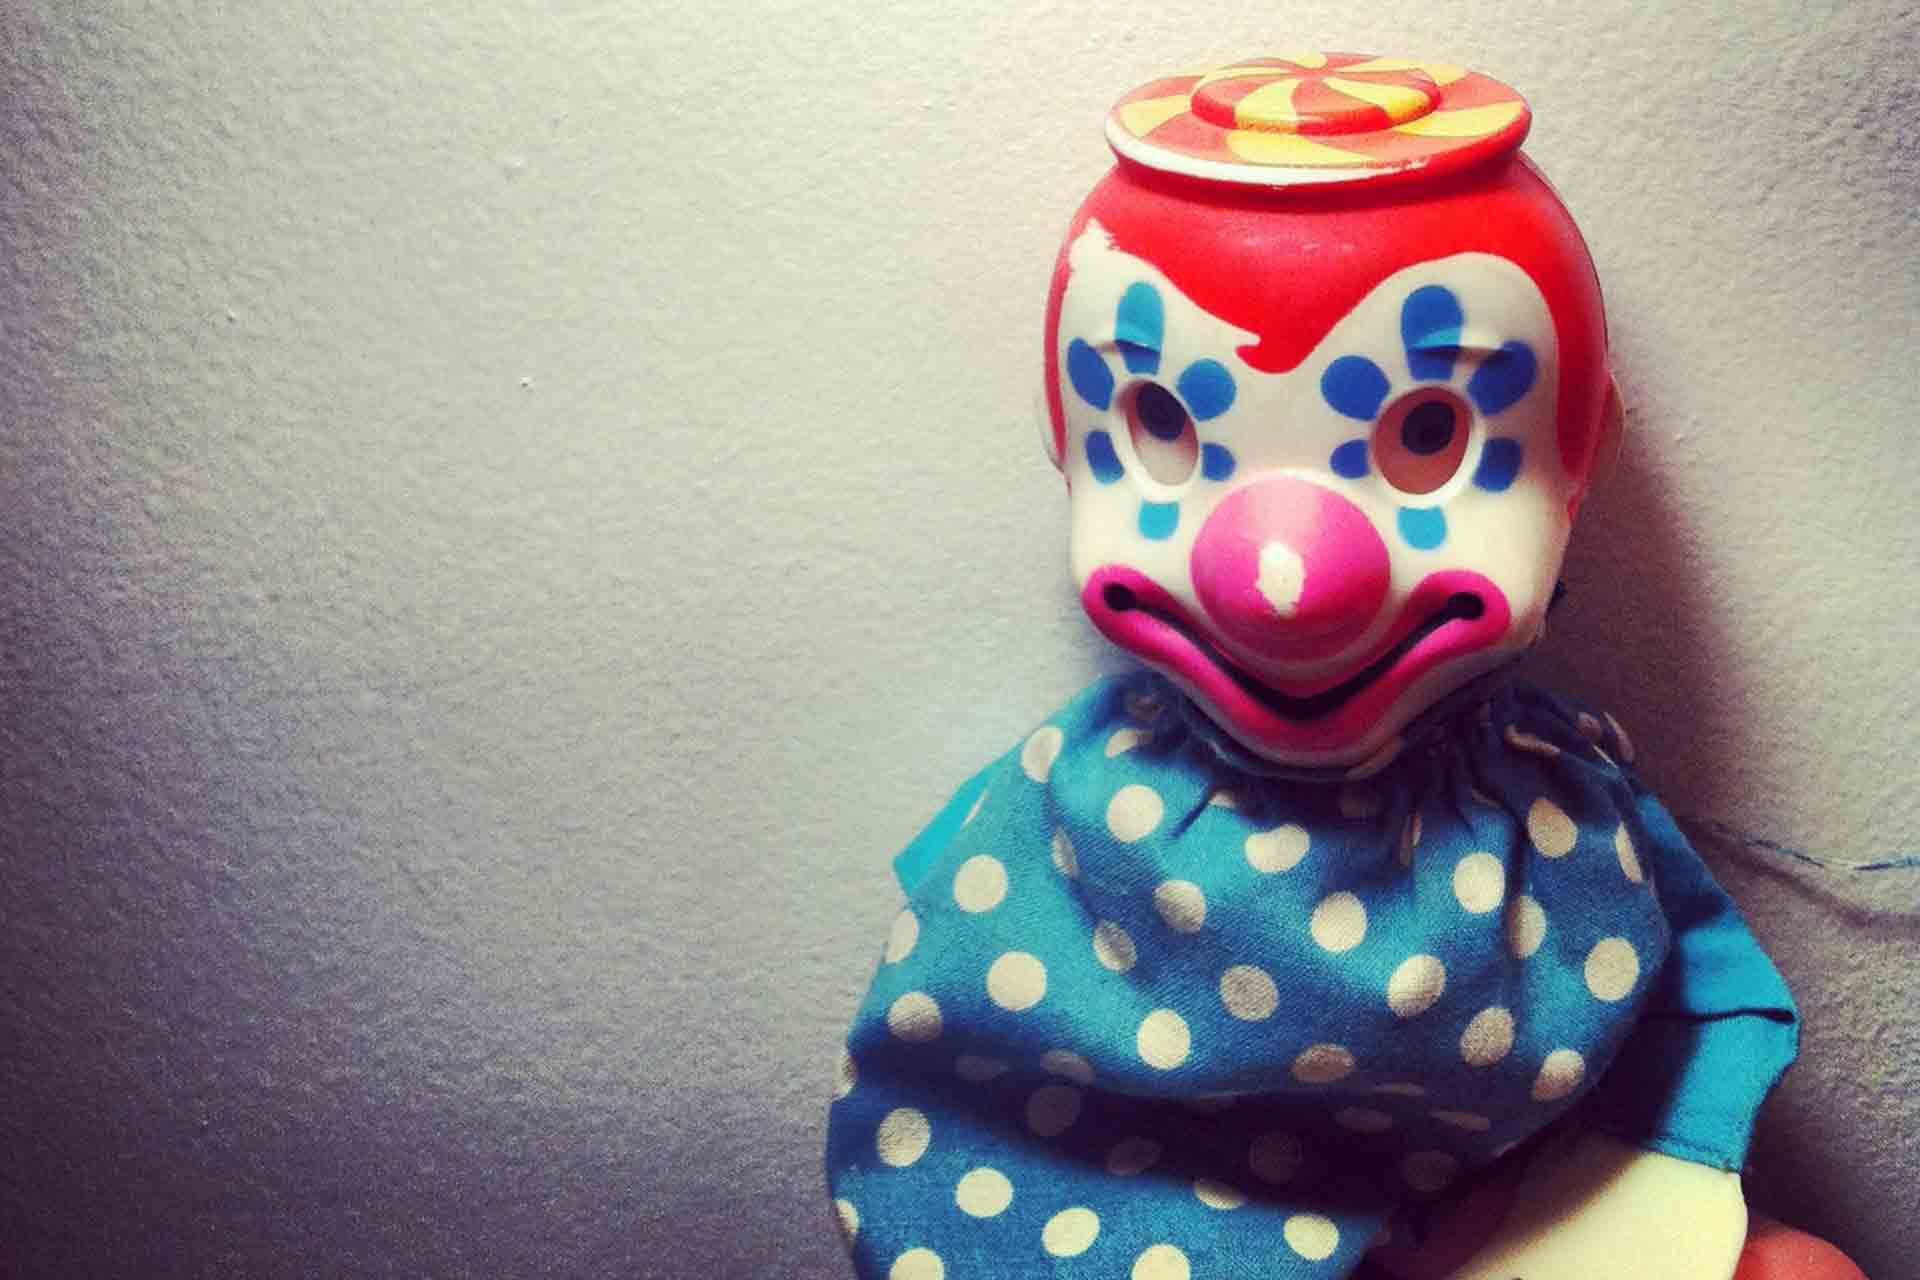 clown-fear-horror-3363